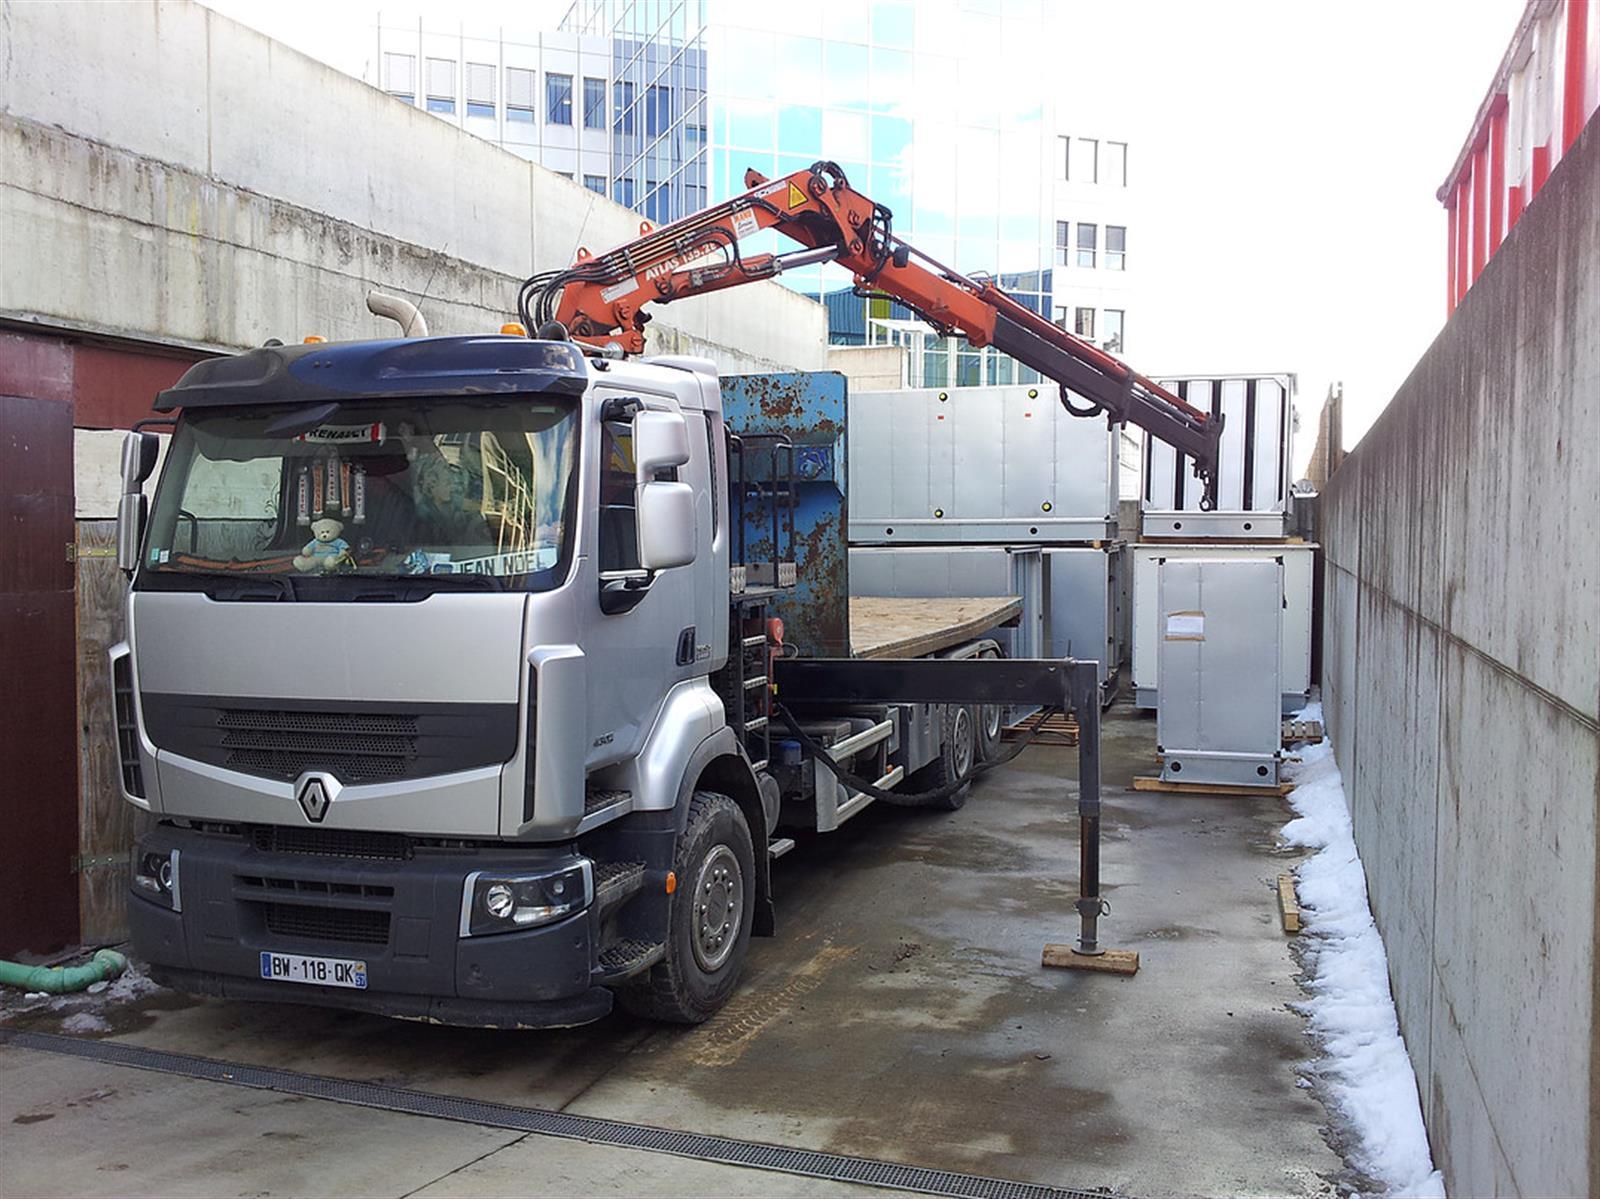 Presta bennes lux sa recyclage container pour d chet - Comptoir des fers et metaux sa luxembourg ...